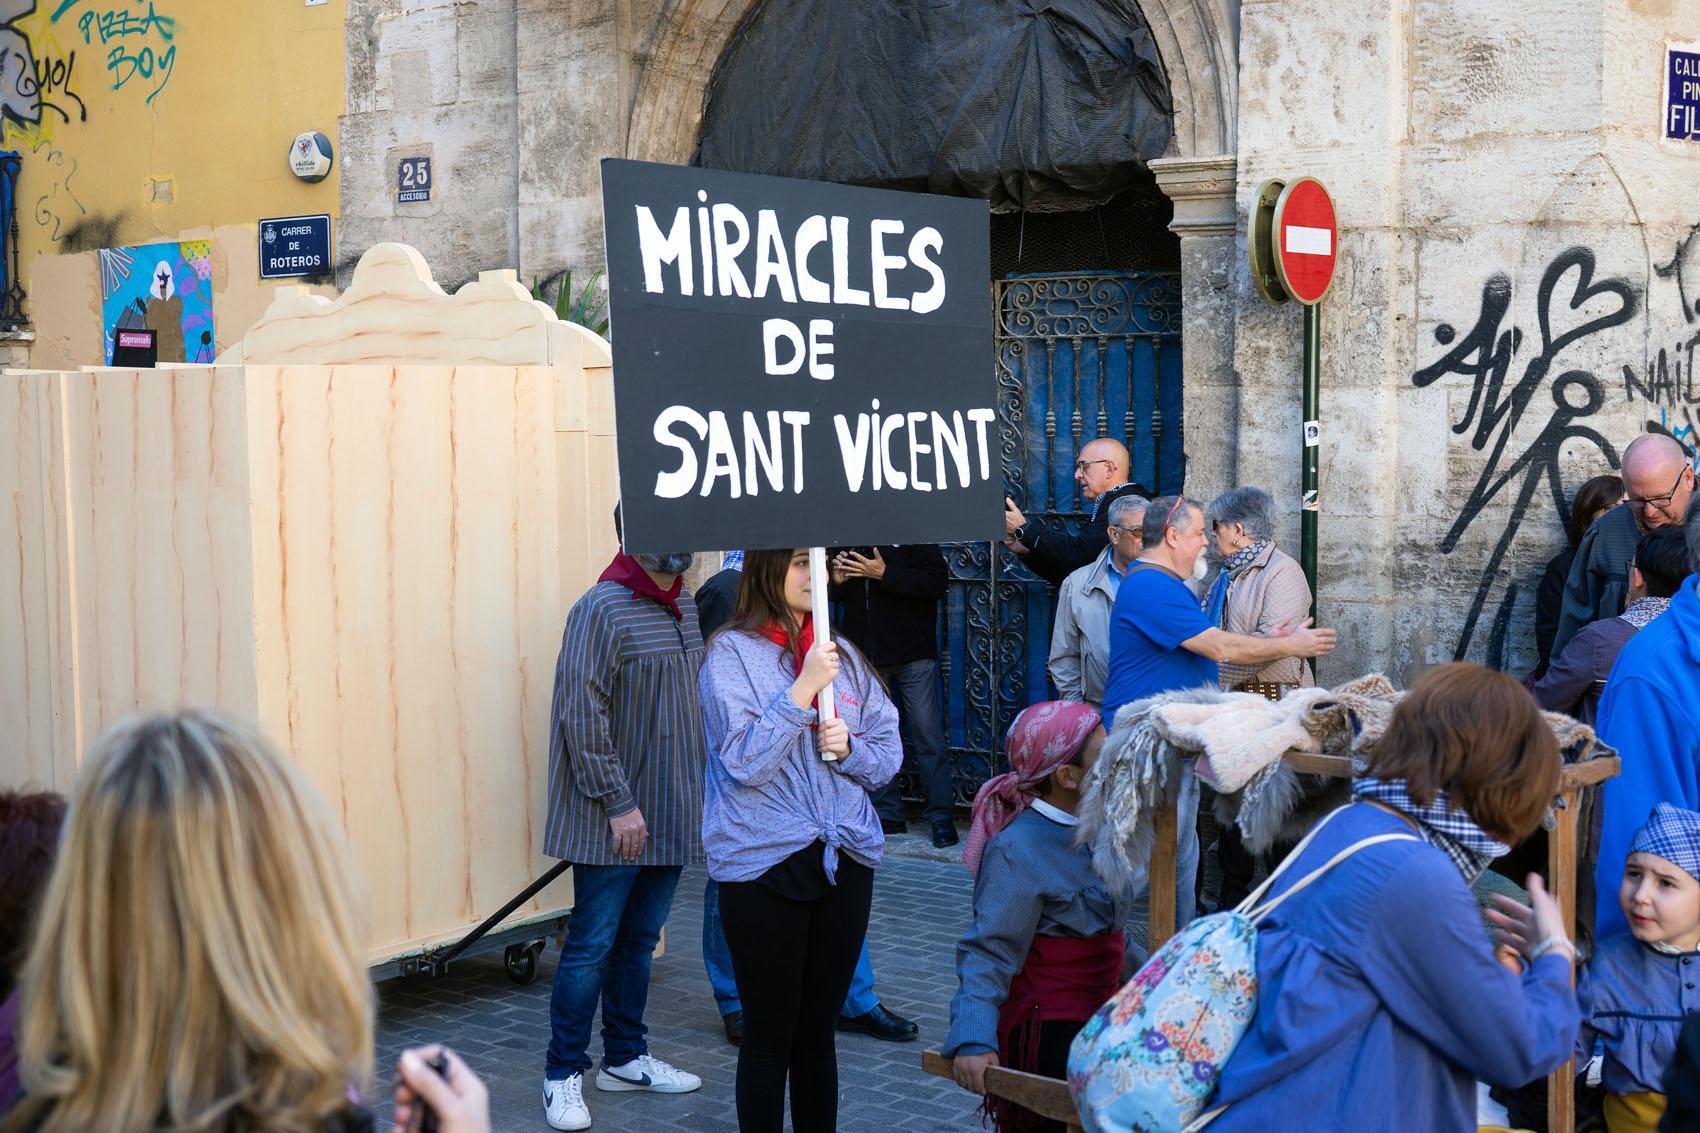 Miracles de Sant Vicente